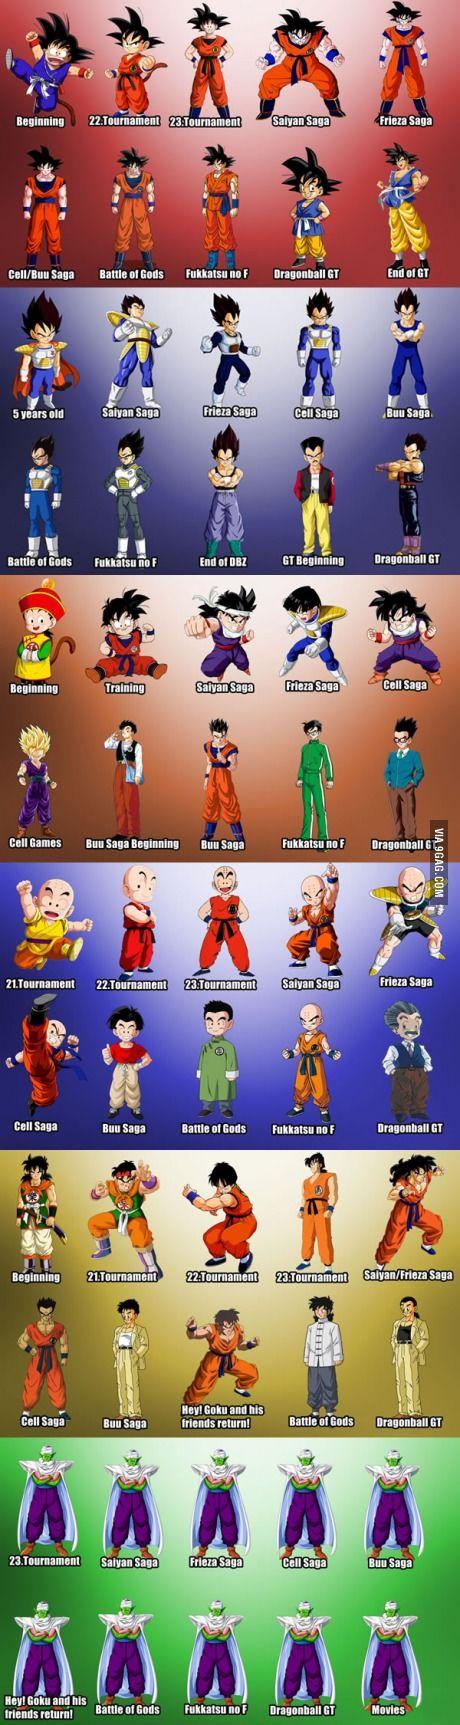 Just For Fun Dragon Ball Artwork Dragon Ball Goku Dragon Ball Z